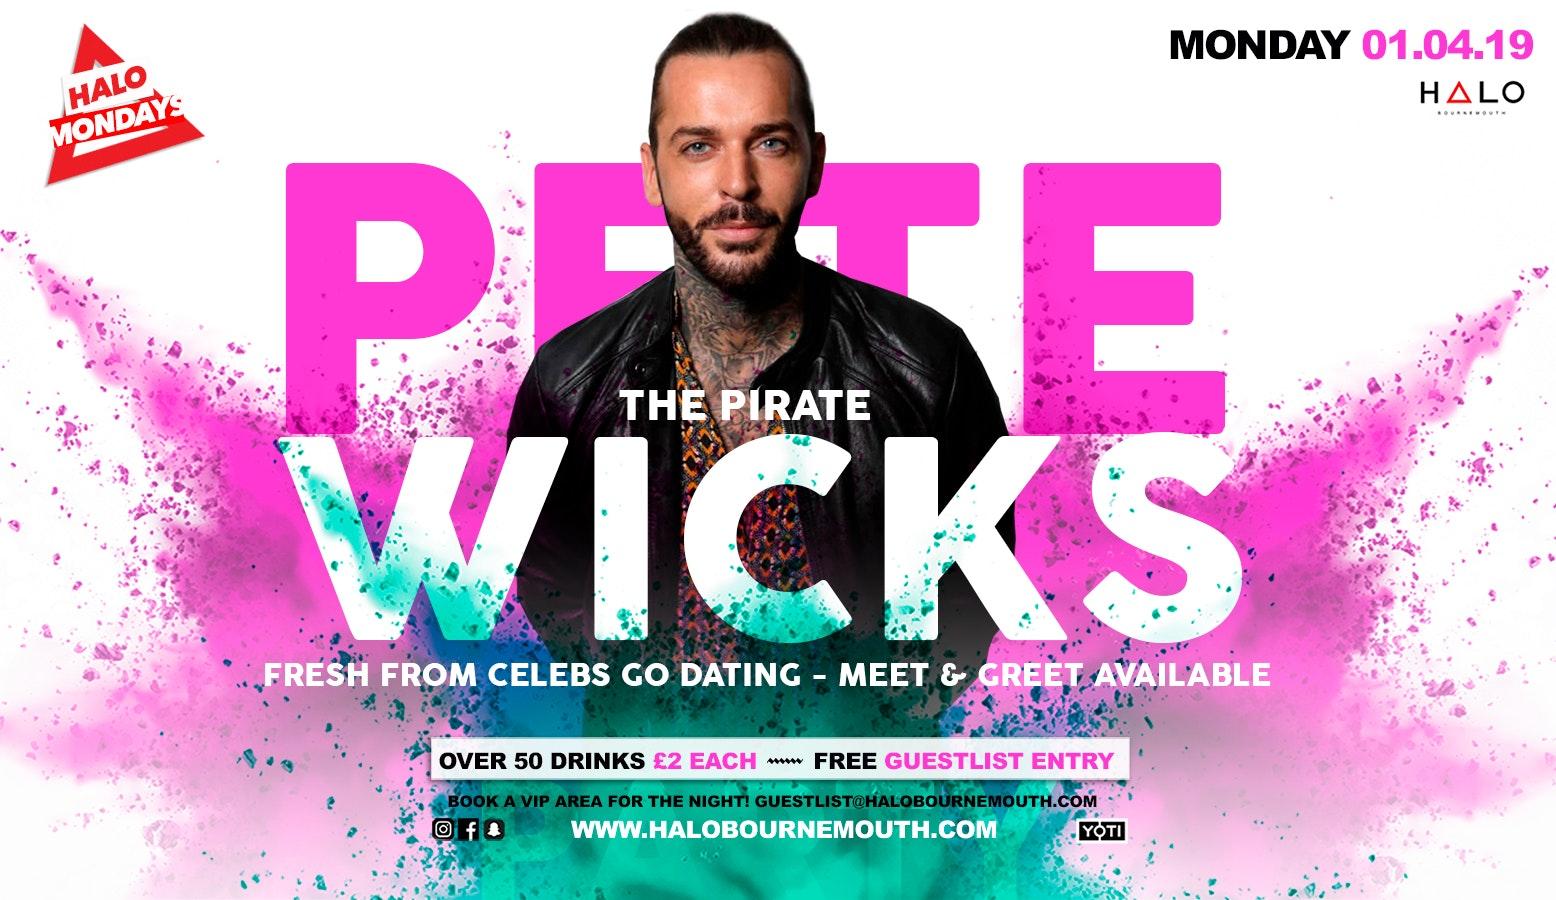 Halo Mondays w/ Pete Wicks 01.04.19 Halo Bournemouth